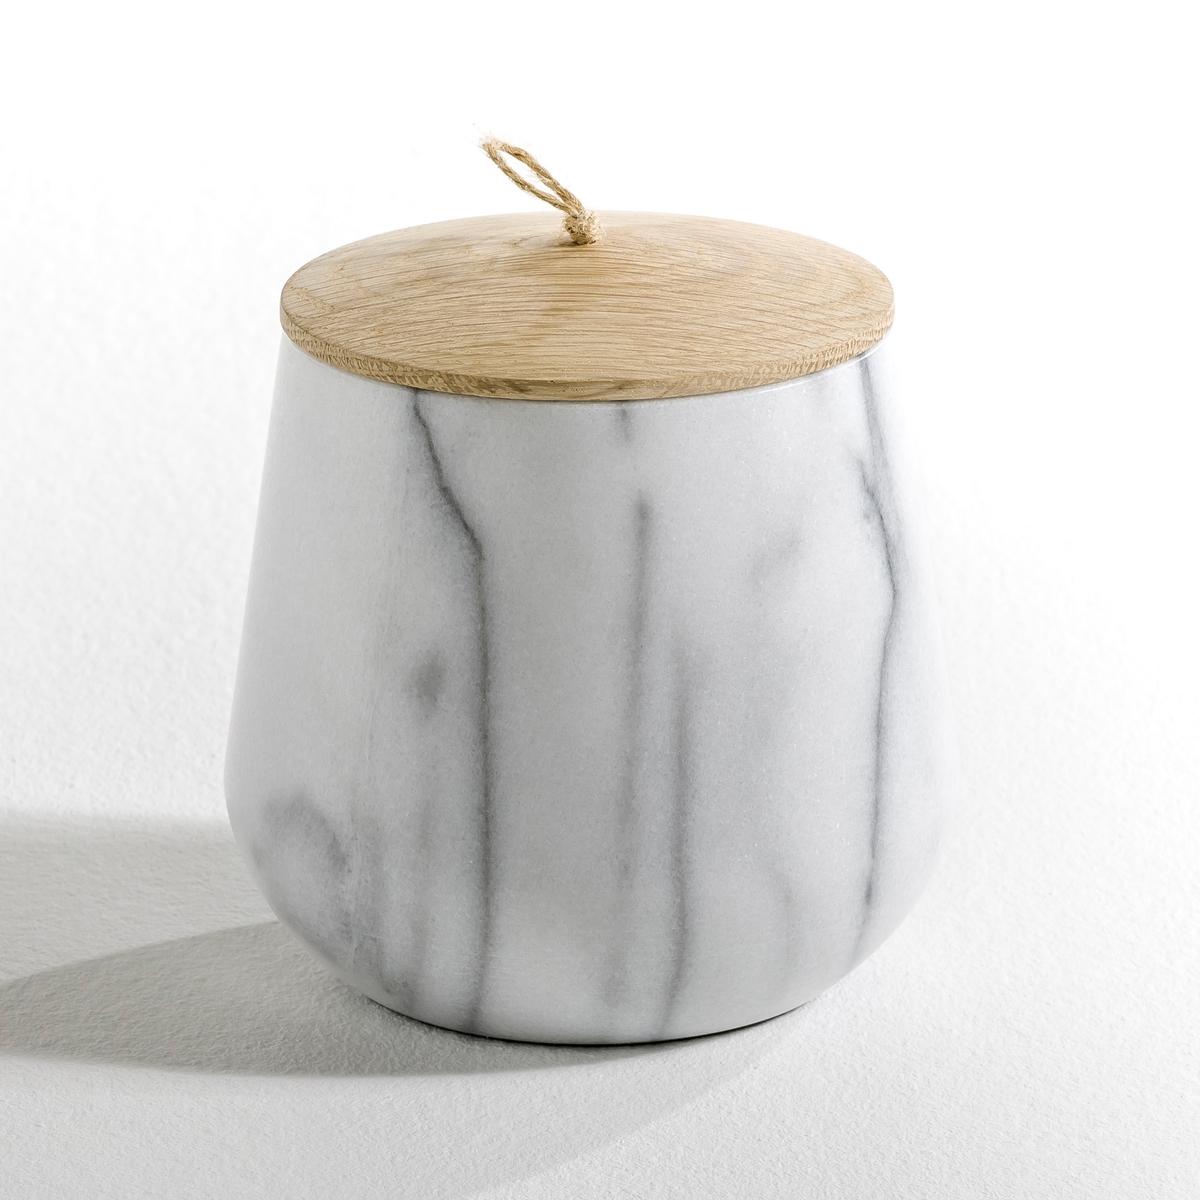 Горшок цветочный овальный из мрамора, EdwaldХарактеристики: - Выполнен из белого мрамора каждое изделие уникально, а рисунок на нем может отличаться от образца.- Крышка из натурального дуба с ручкой из сизаля.Размеры:- ?14 x В. 14 см.<br><br>Цвет: белый мрамор